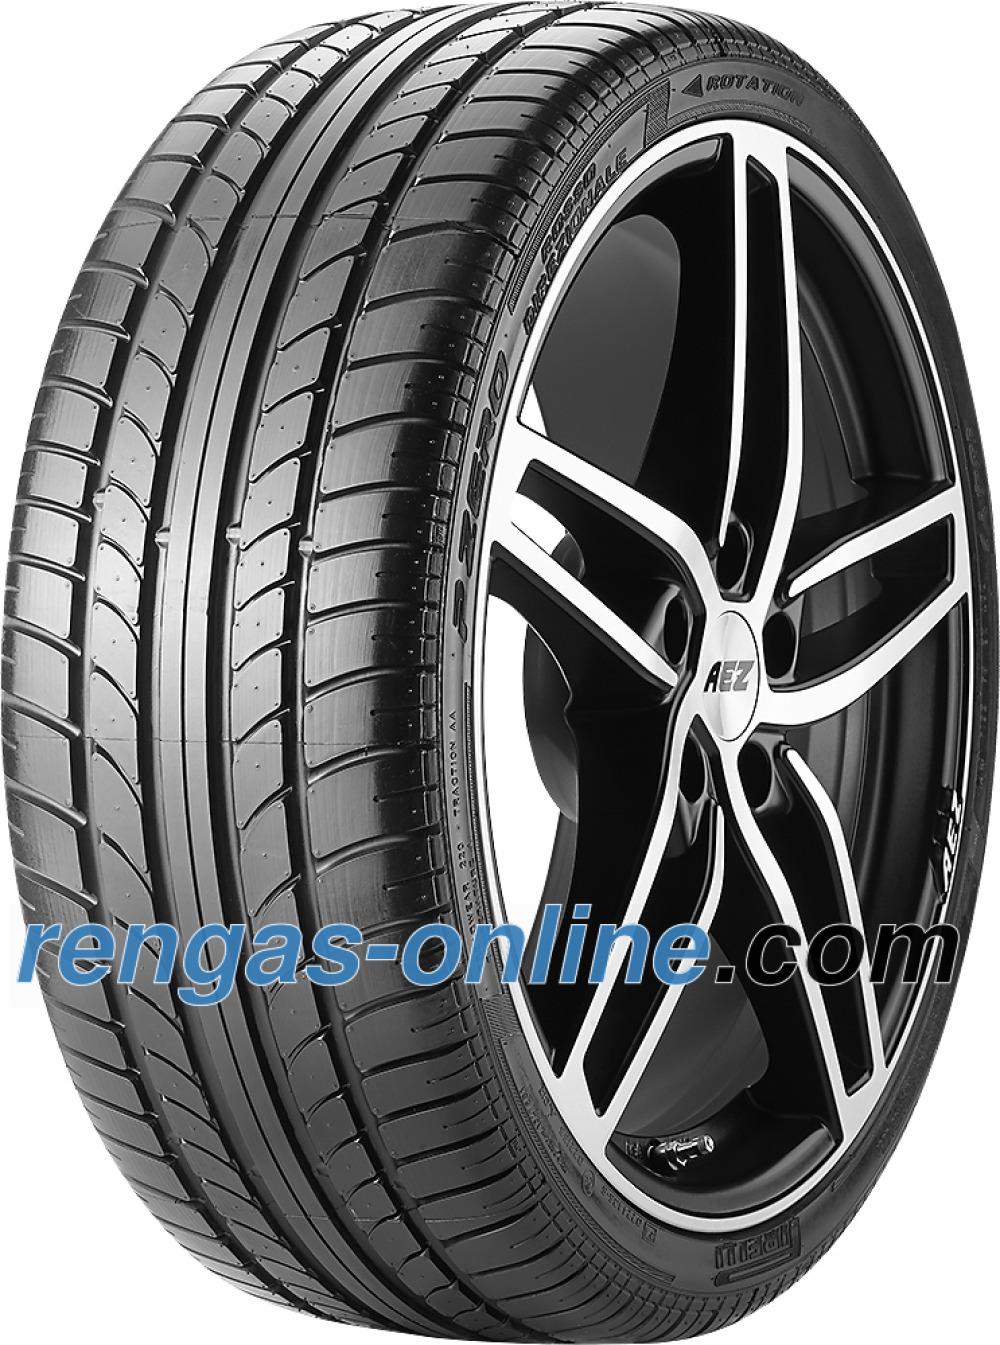 pirelli-p-zero-corsa-direzionale-25535-zr20-97y-xl-amp-vannesuojalla-mfs